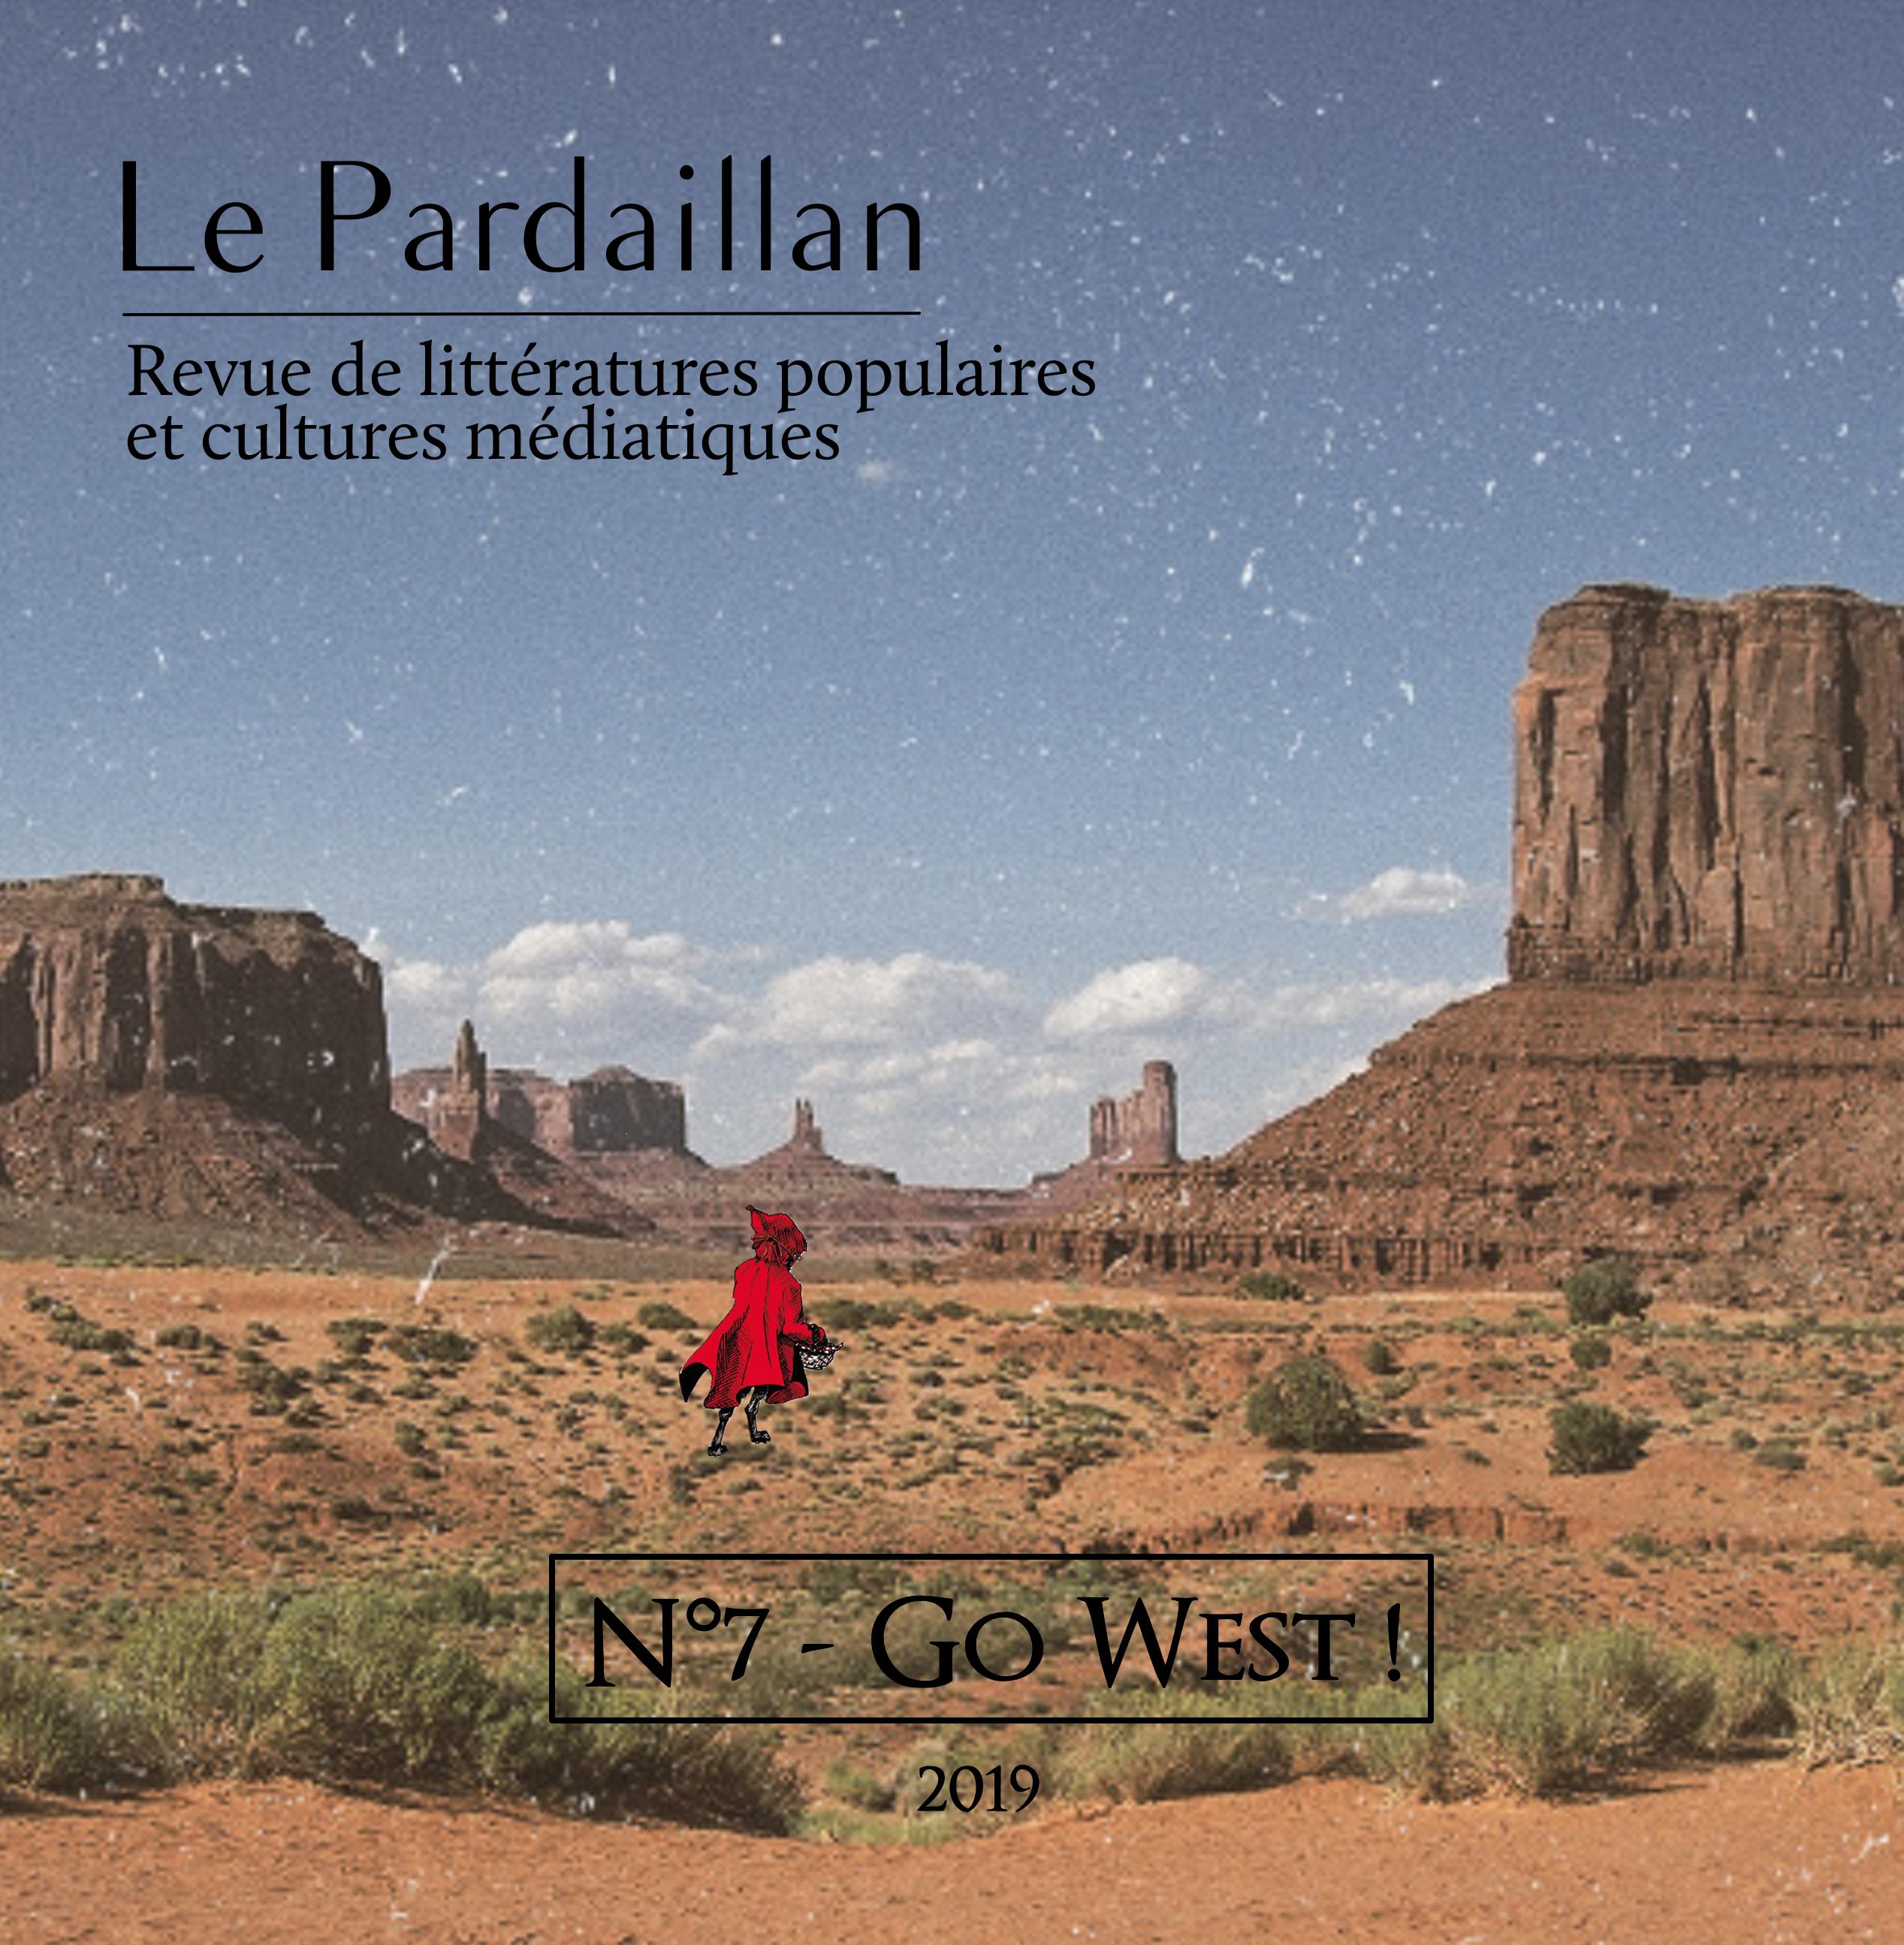 Le Pardaillan N°7 - Go West ! Image